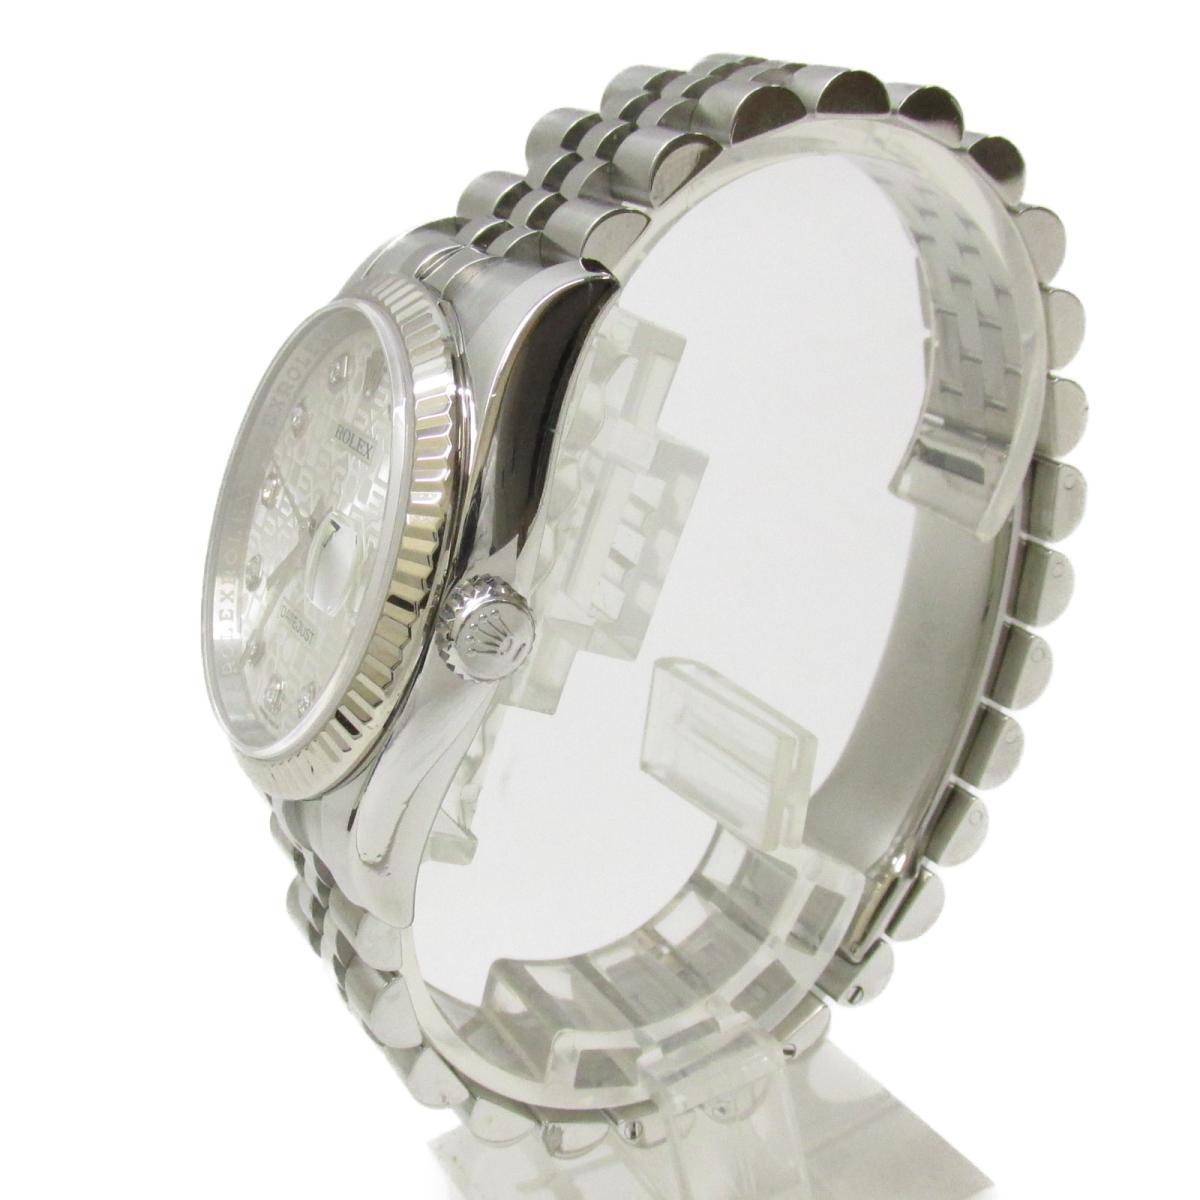 ROLEX 時計 116234G デイトジャスト10Pダイヤモンド/腕時計/メンズ